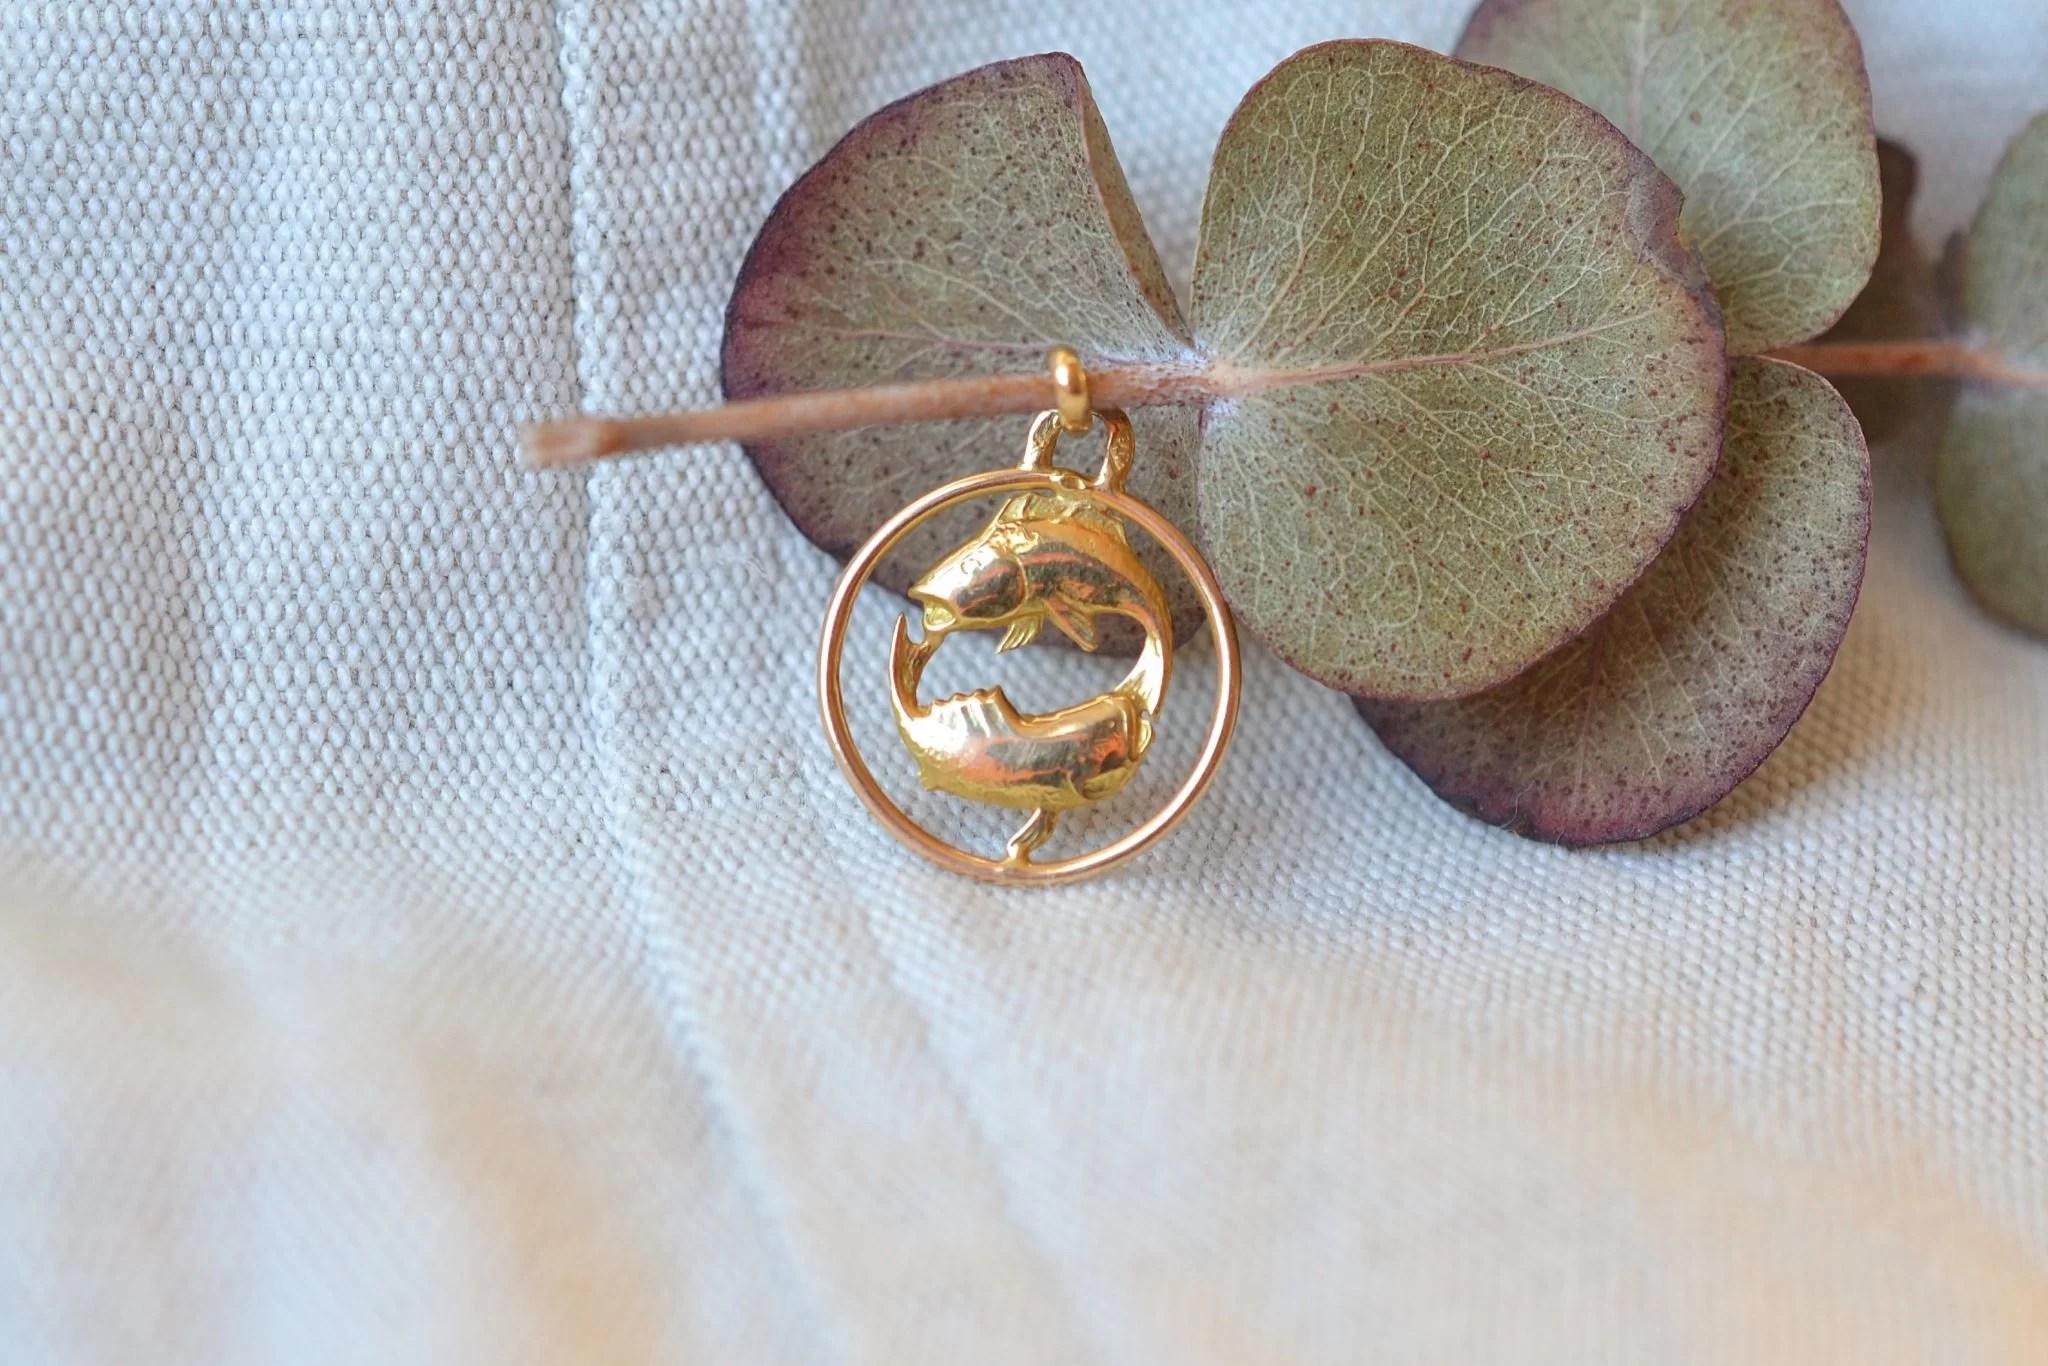 Médaille en Or jaune du signe des poissons, chiffrée au dos - bijou Vintage